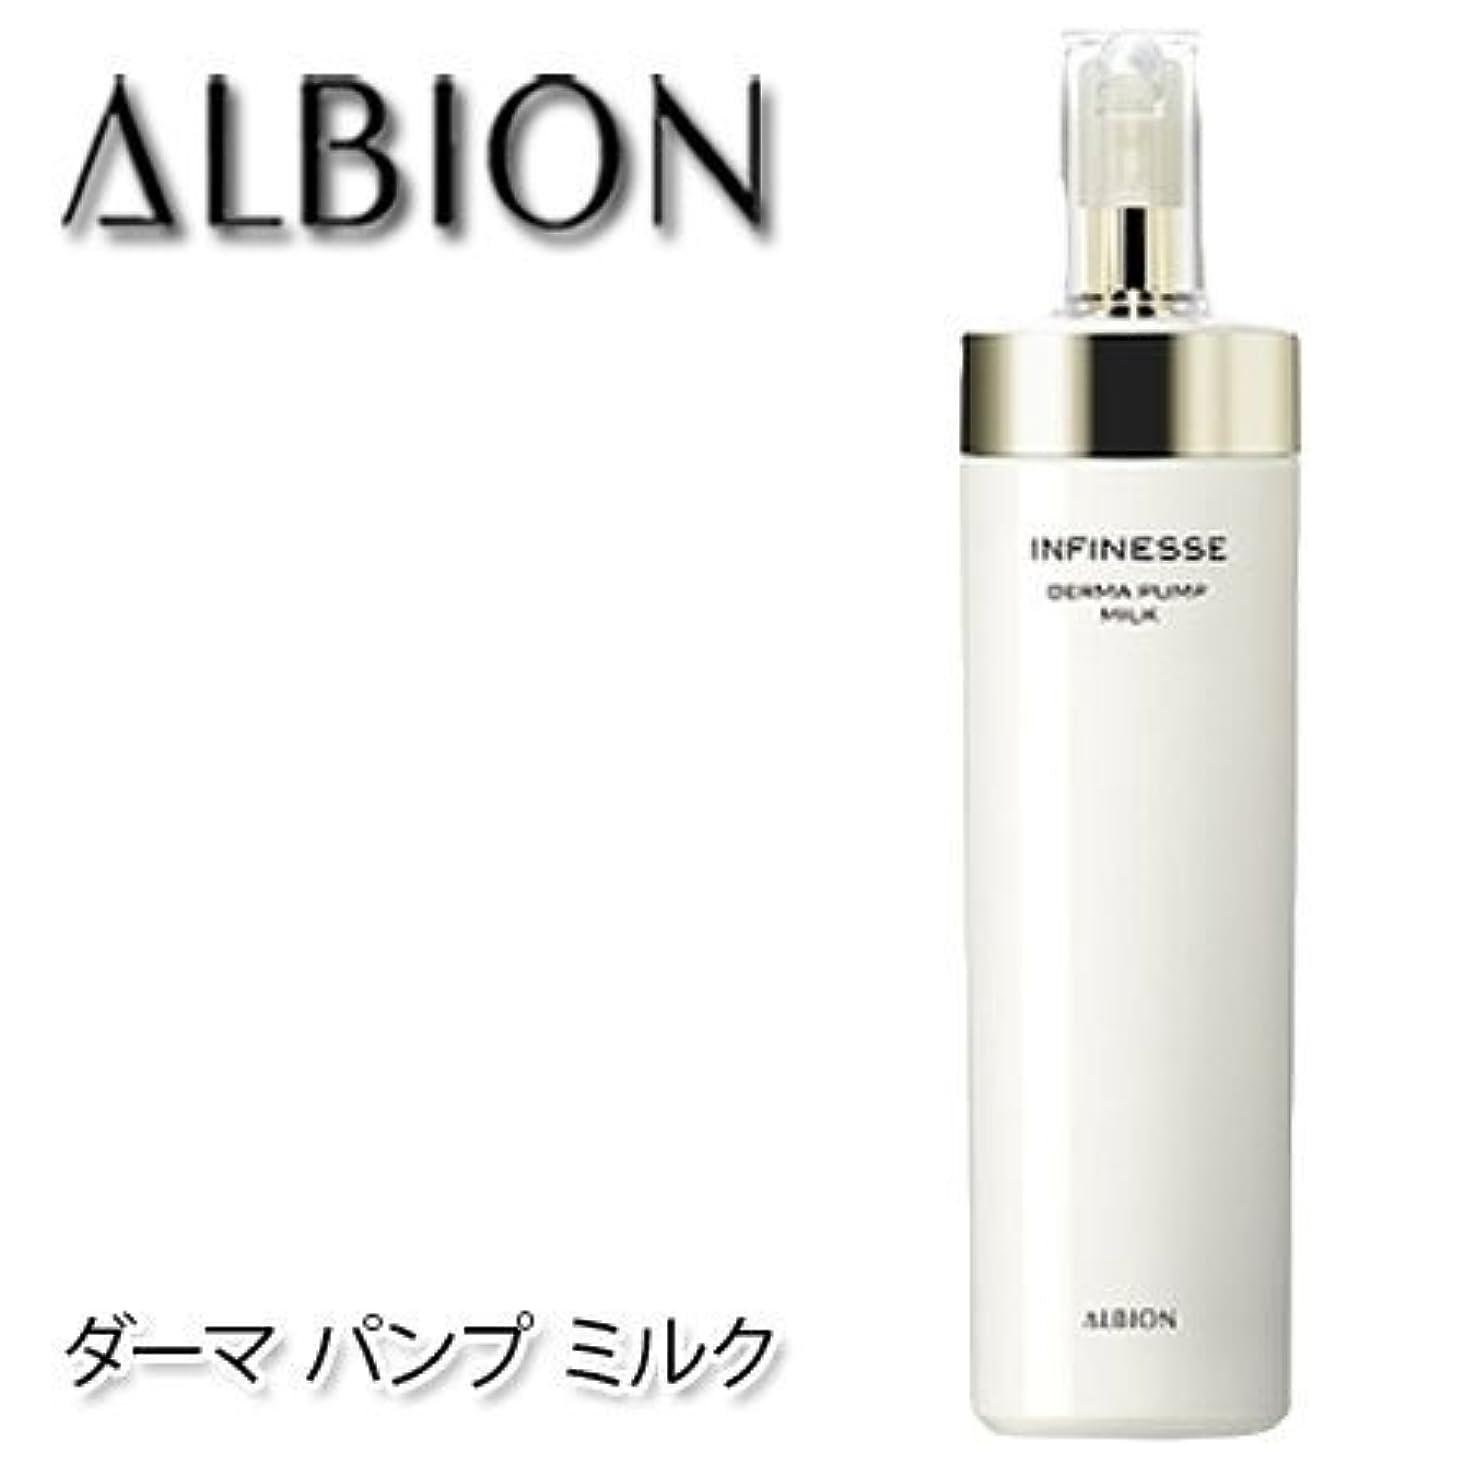 他のバンドで眉をひそめる良心的アルビオン アンフィネス ダーマ パンプ ミルク 200g-ALBION-